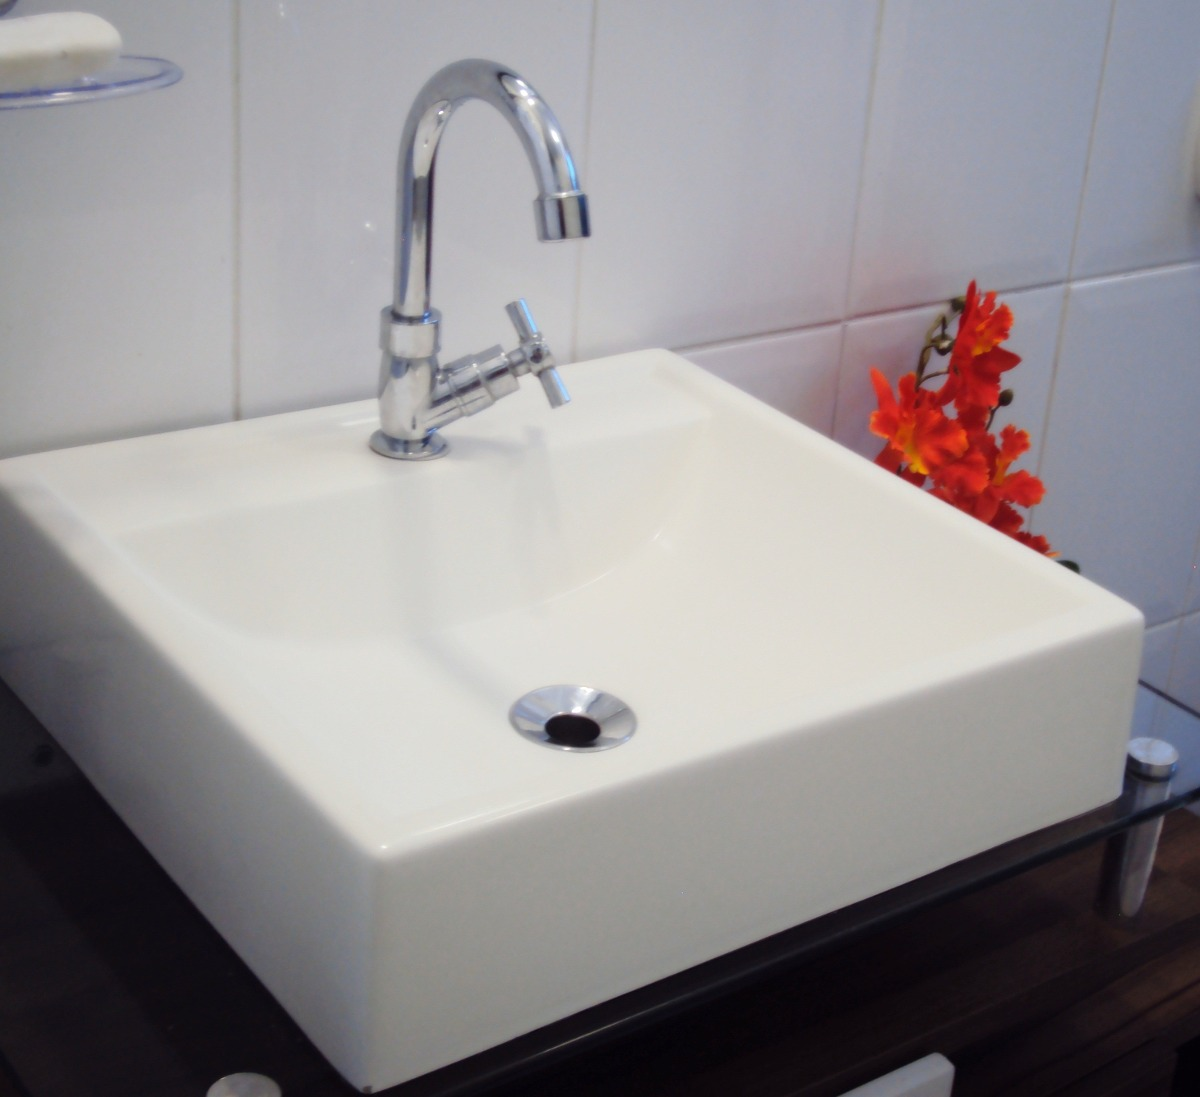 Pia Cuba Sobrepor Para Banheiro  R$ 99,90 no MercadoLivre -> Cuba Para Pia De Banheiro De Vidro